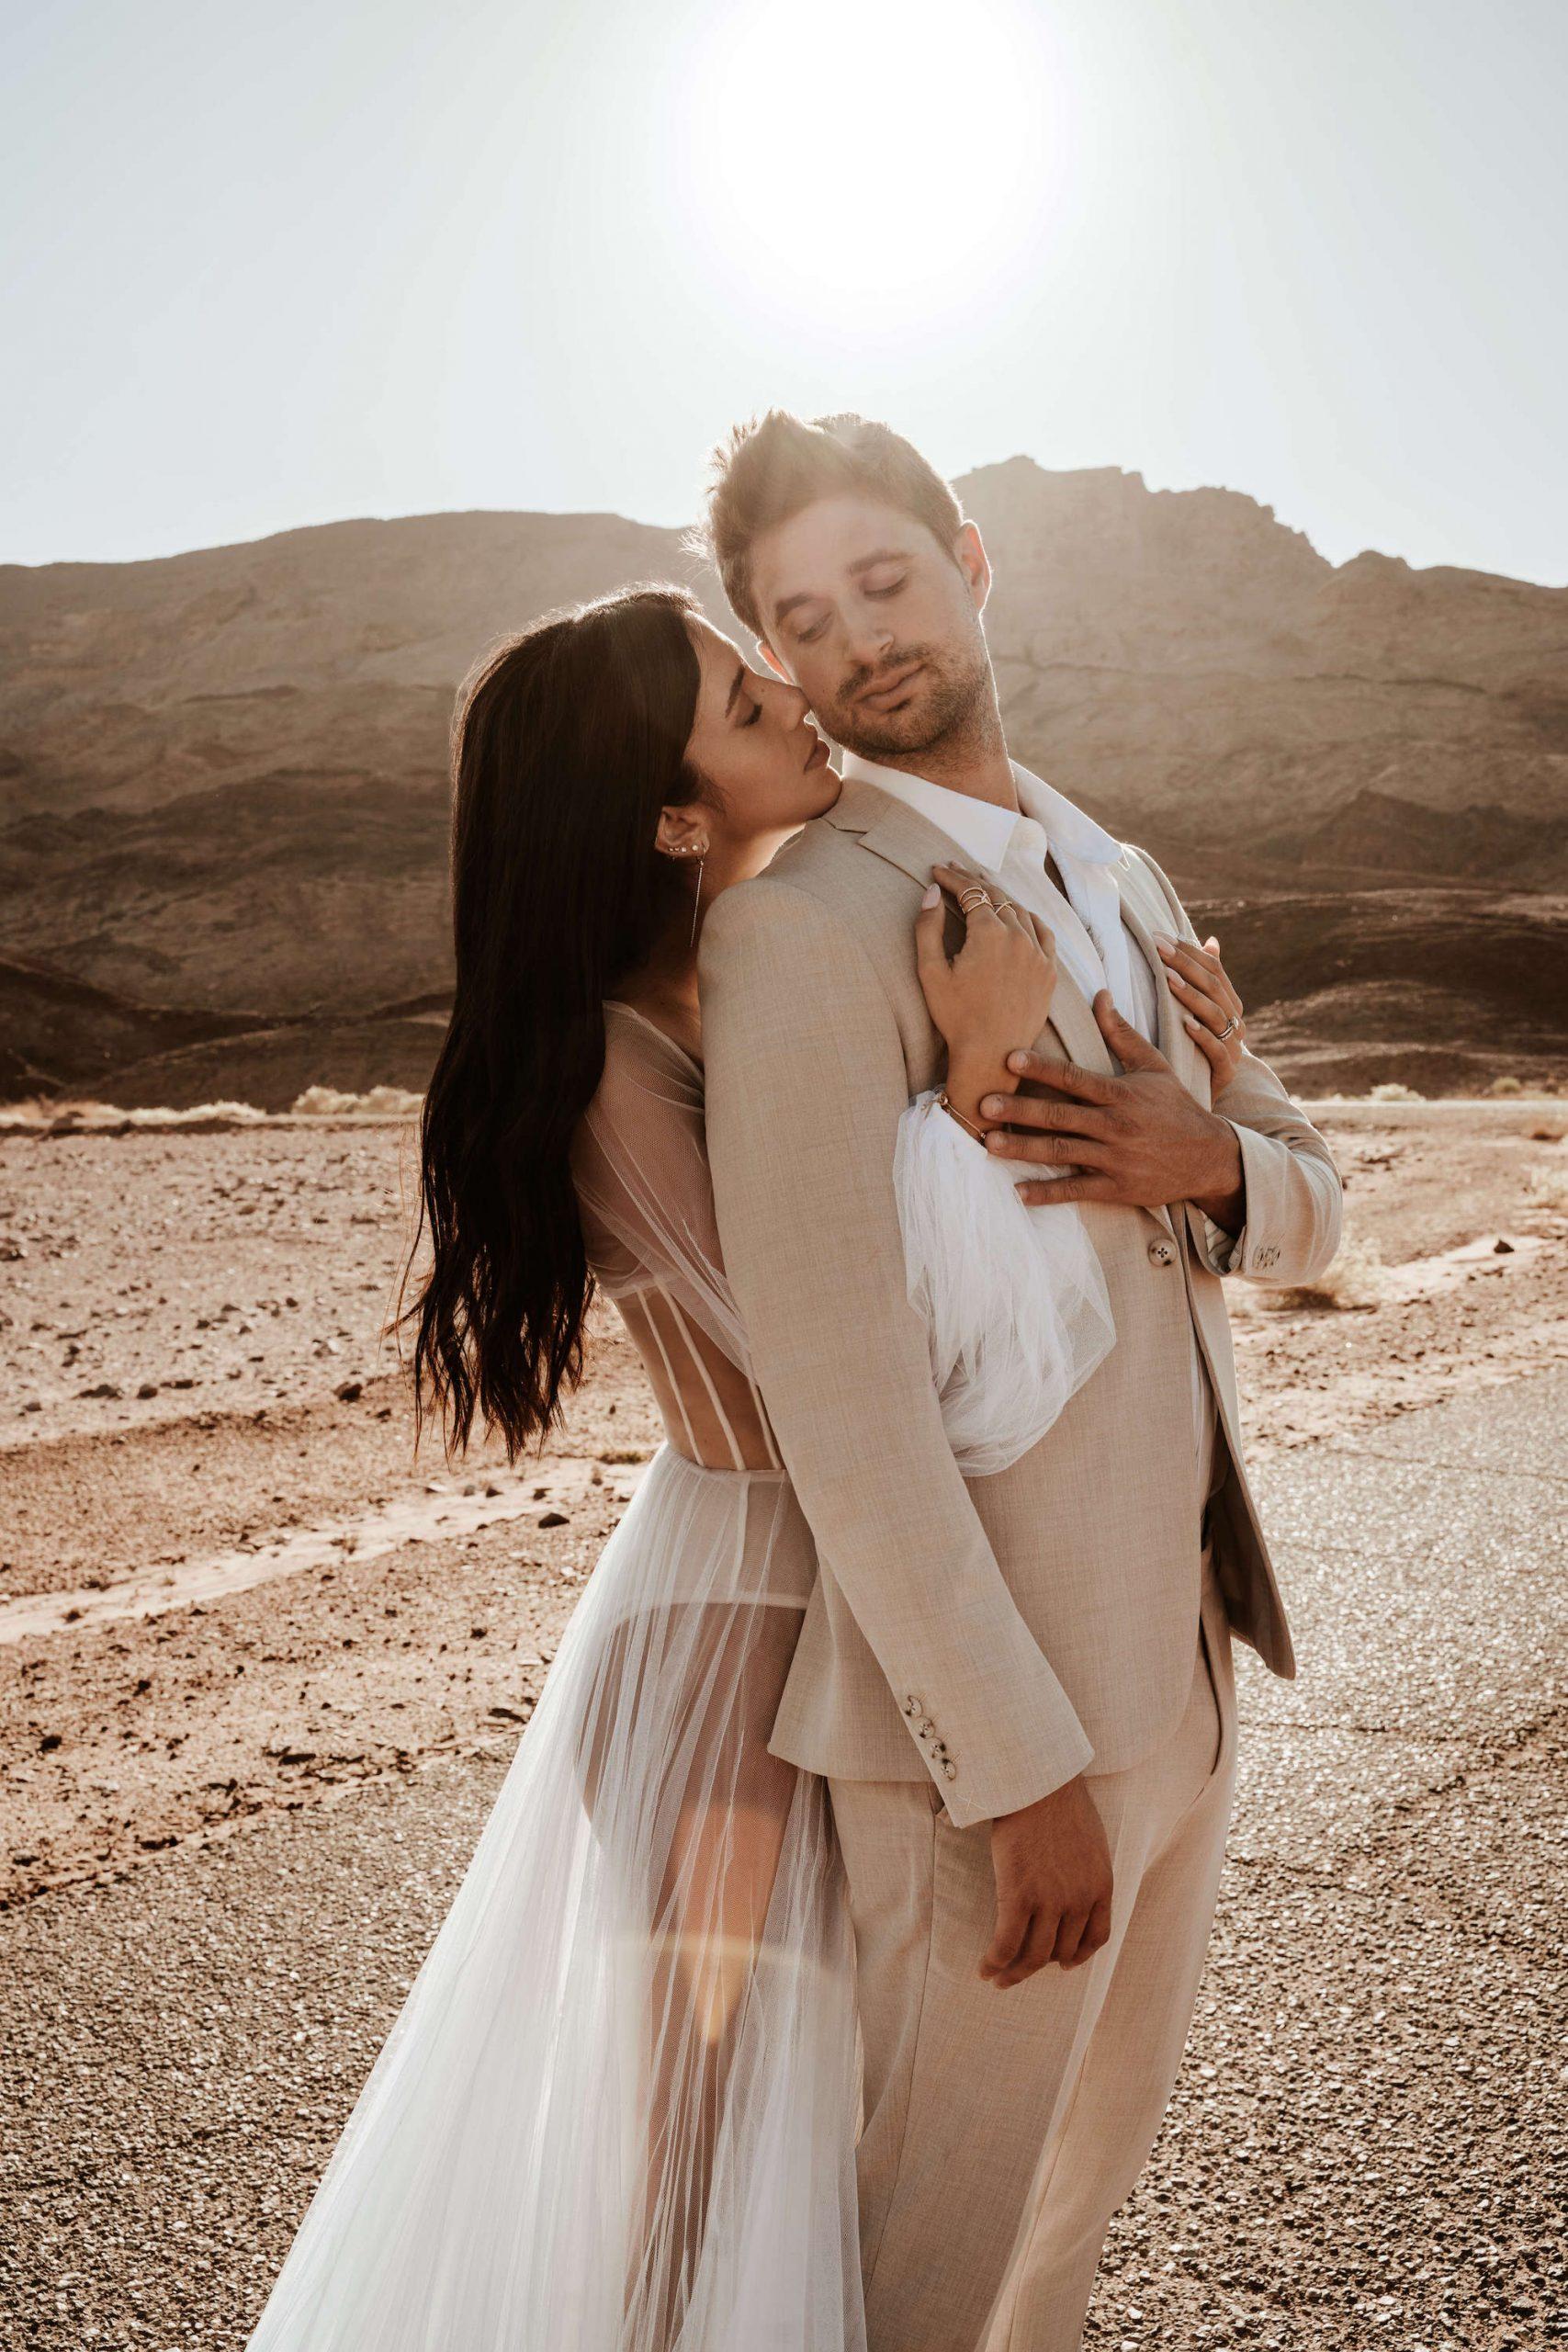 זמן מדבר: הצעת הנישואין שהובילה להפקה מרהיבה בערבה